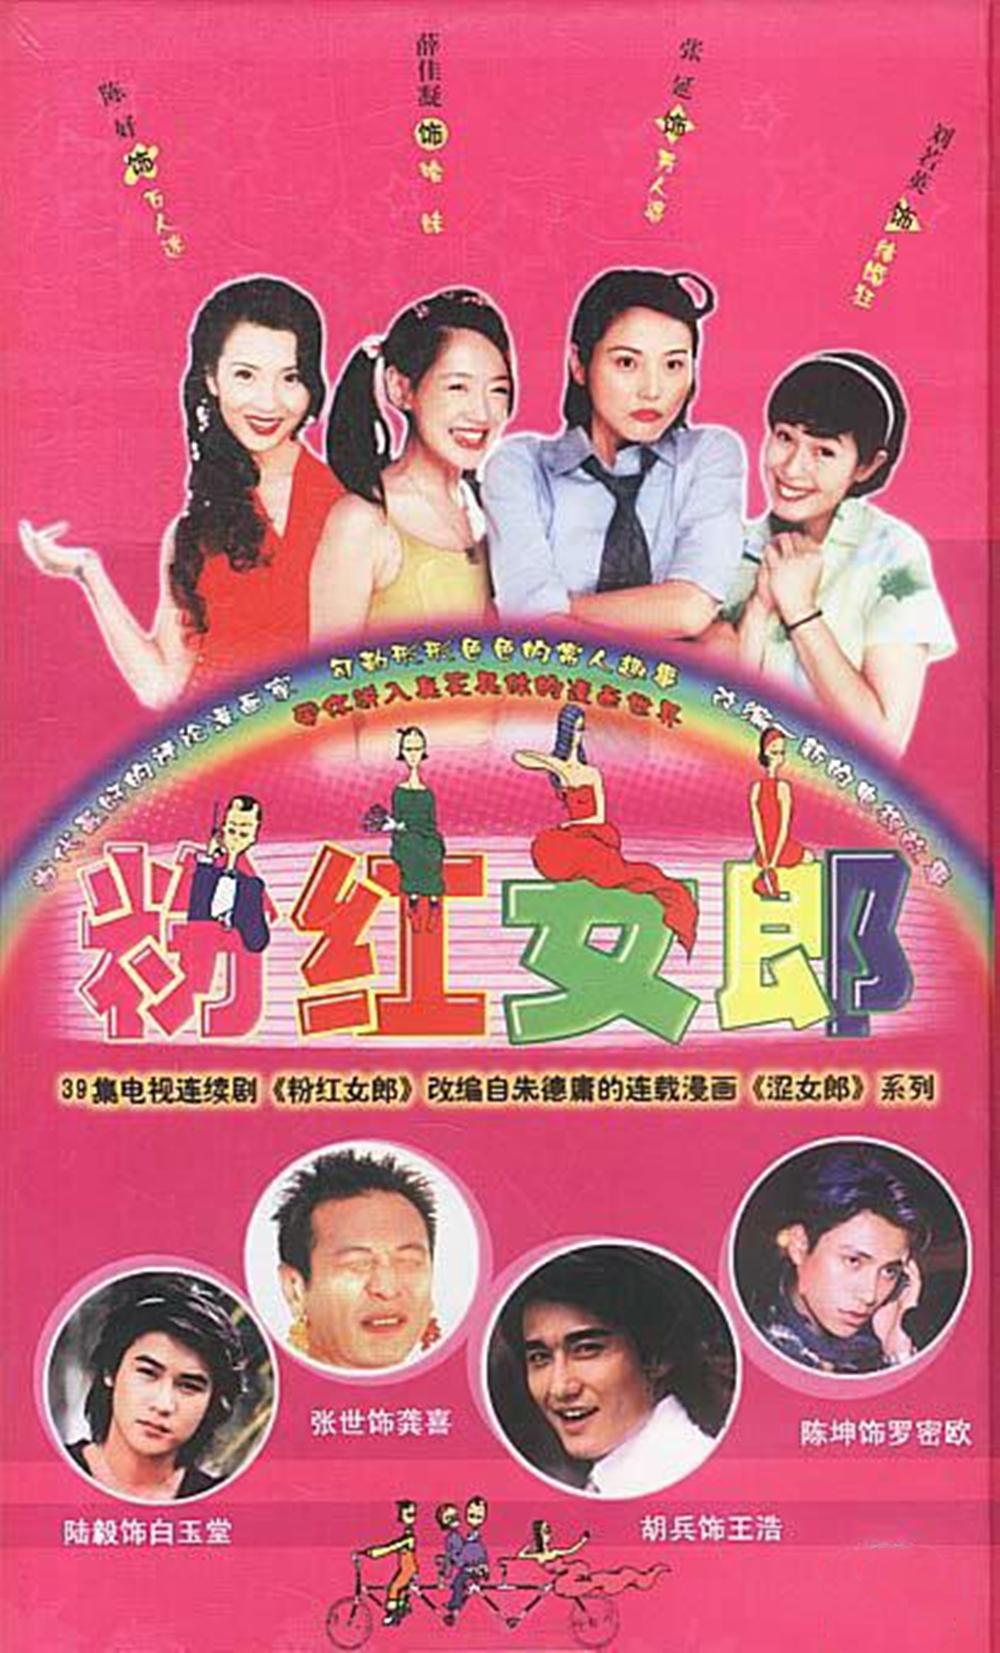 想当年丨《粉红女郎》:经典女性群像戏